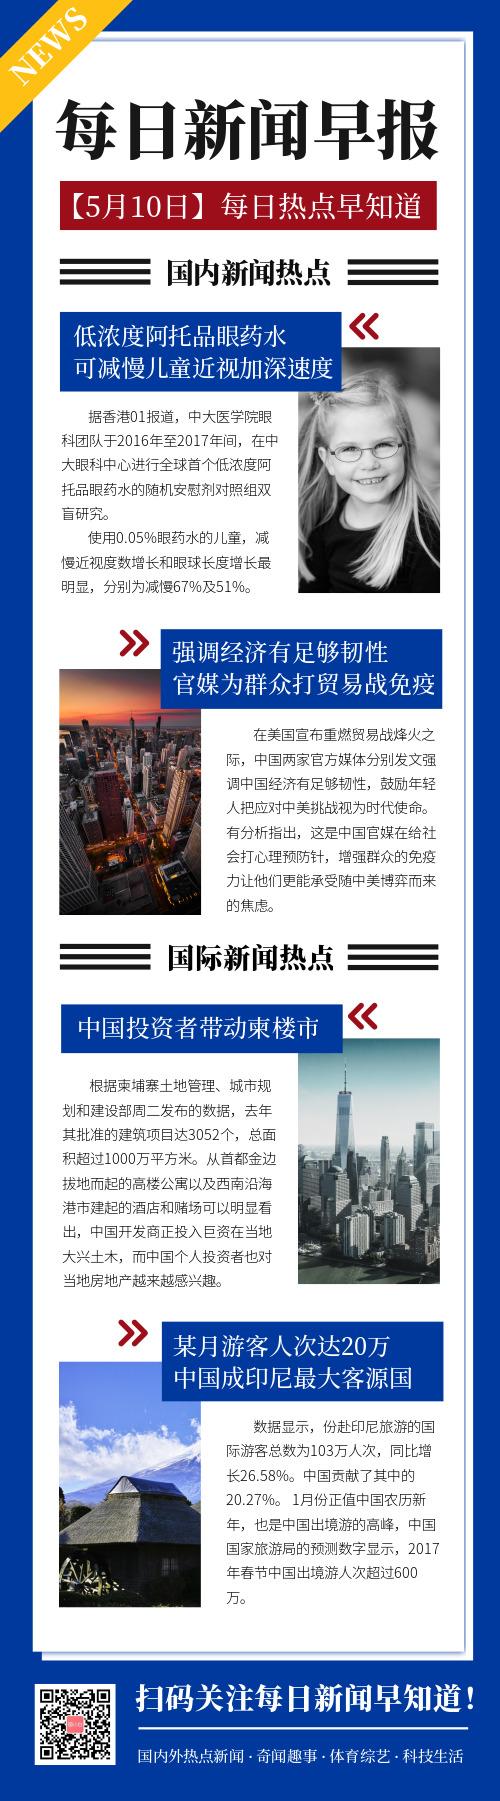 扁平互联网新闻早报快讯报纸长图